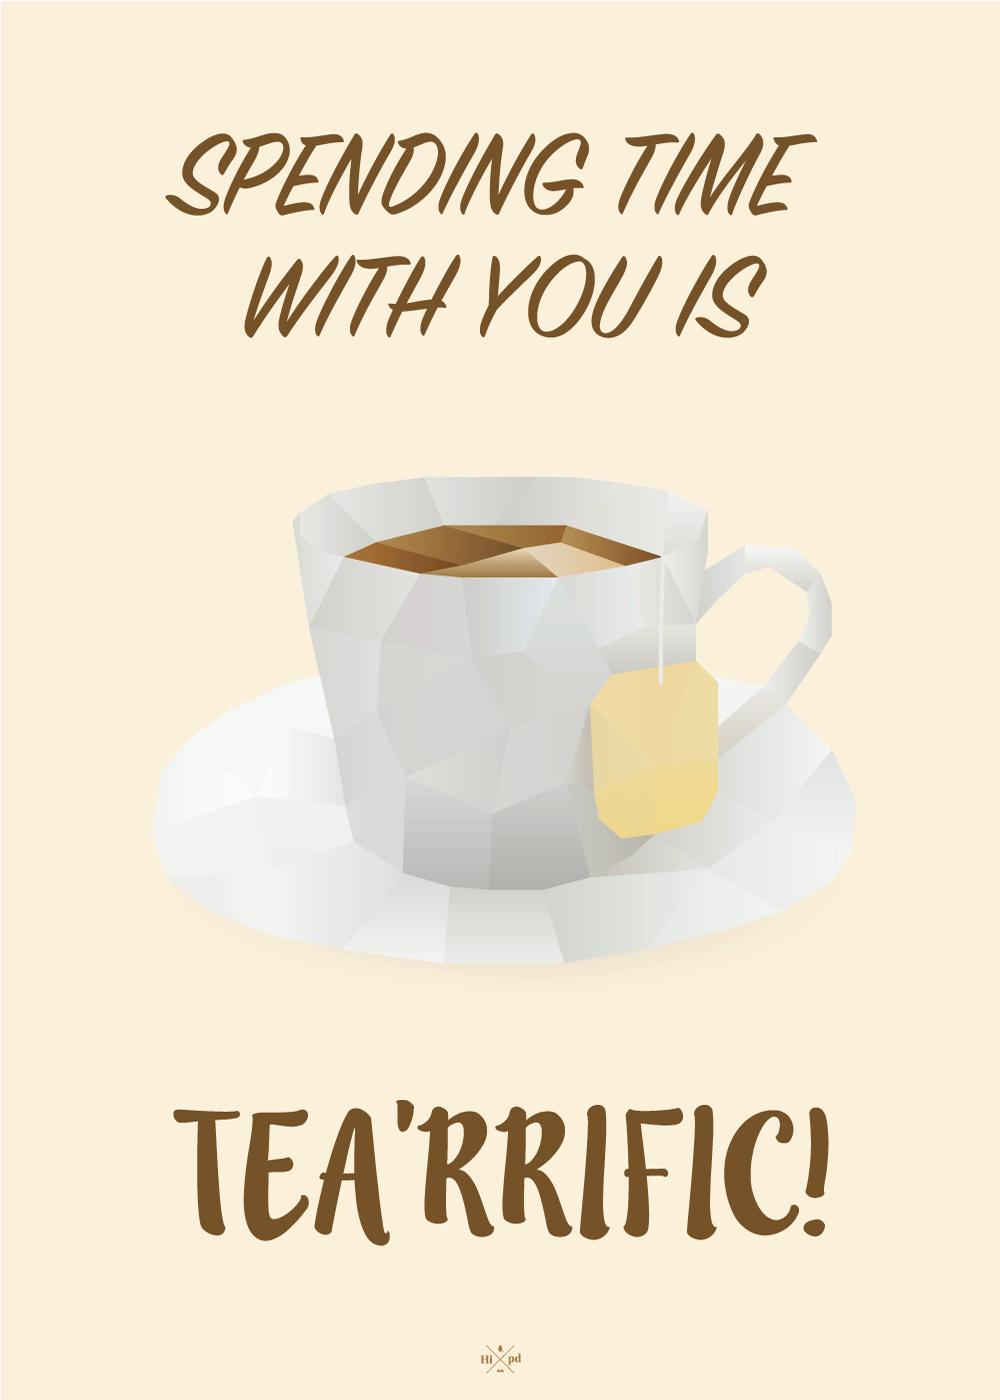 Tea'rrific